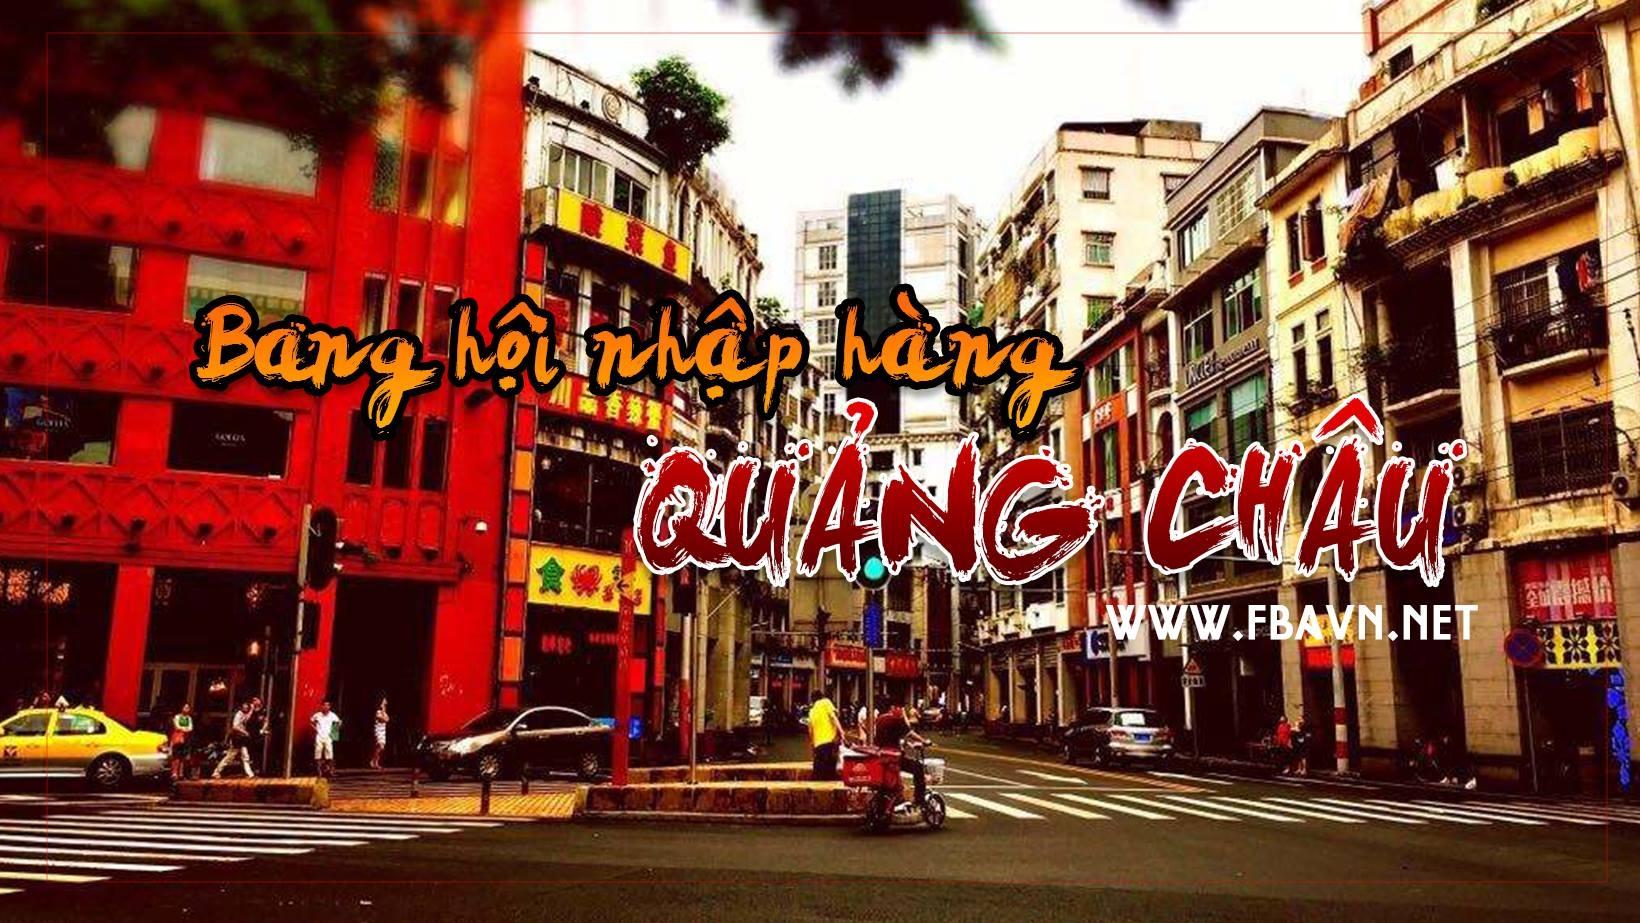 nguonhangwechat (@nguonhangwechat) Cover Image